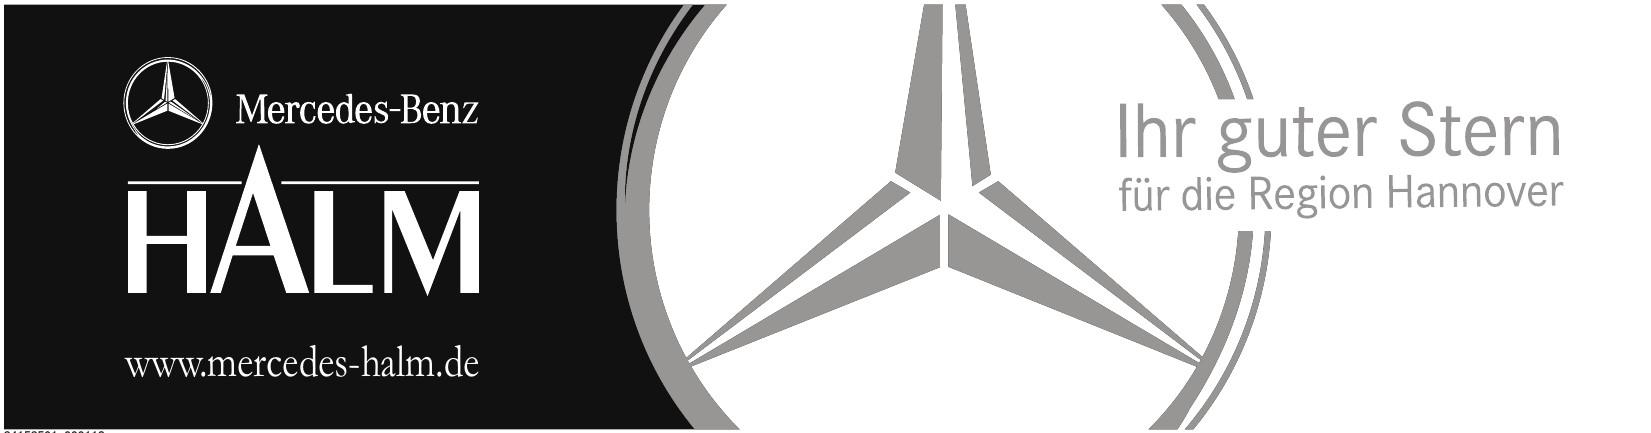 Mercedes-Benz Halm